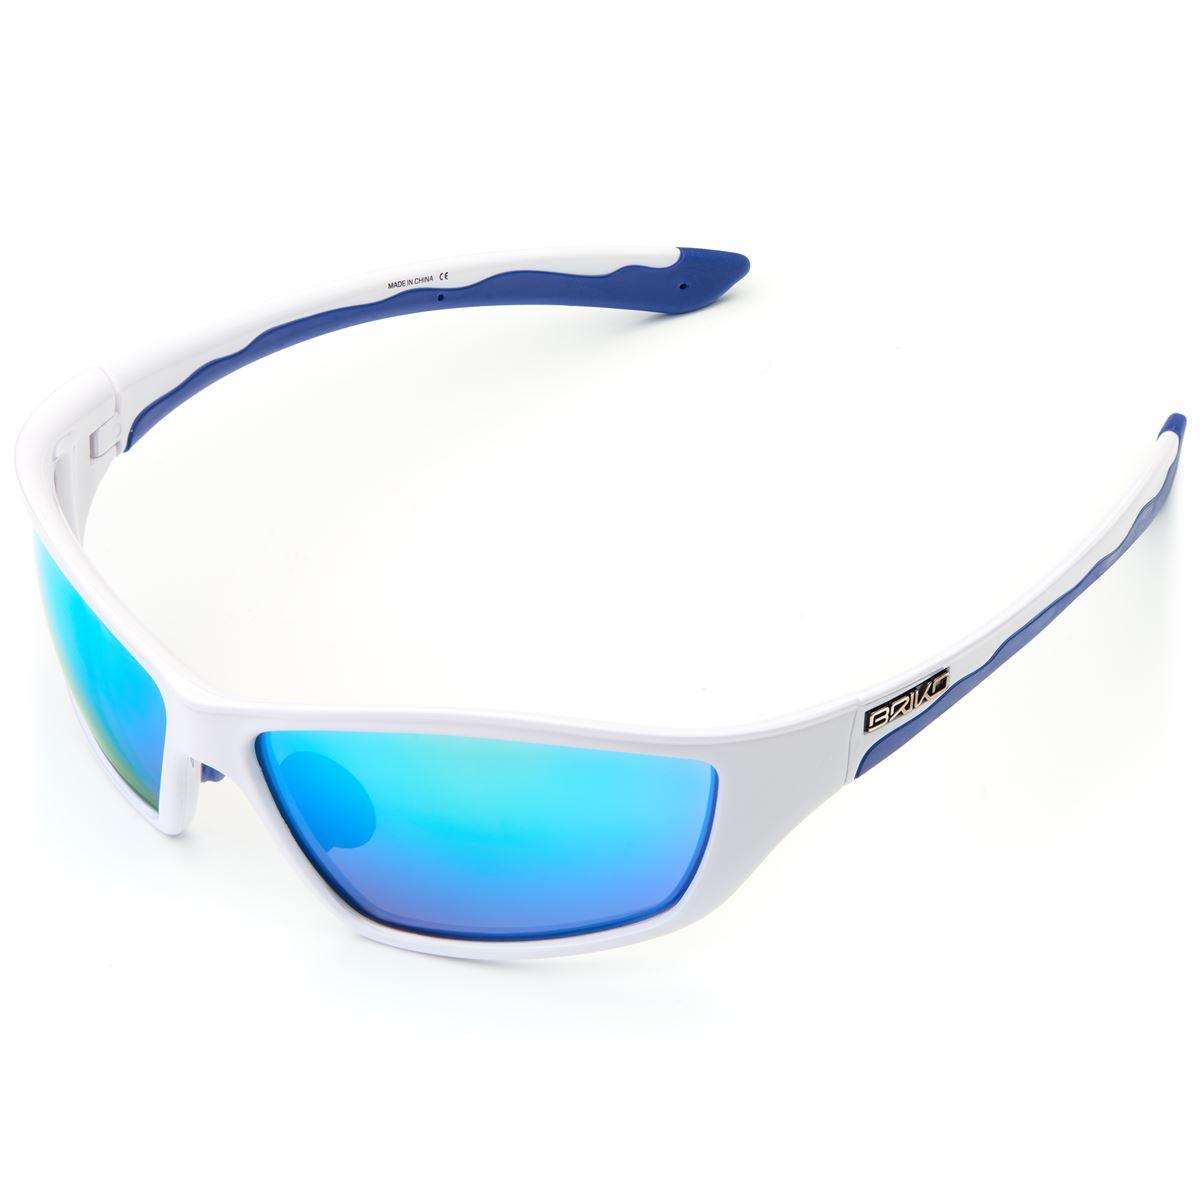 995(ホワイトブルー)